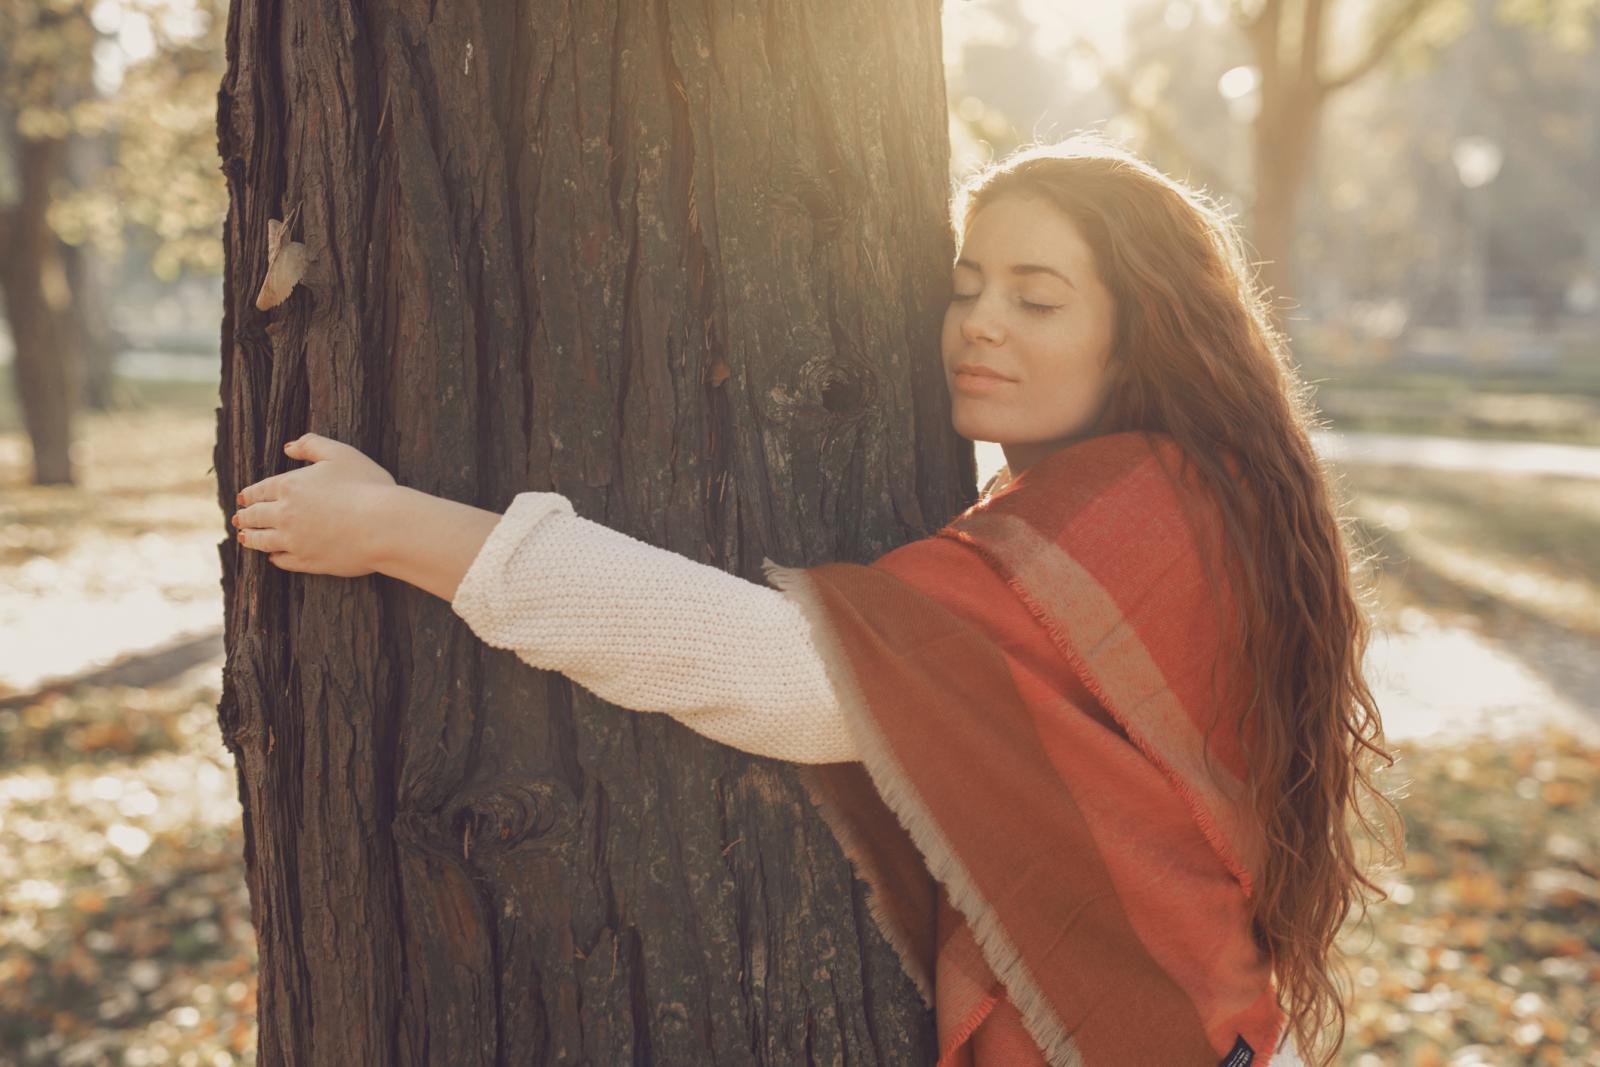 """Kad se povežete sa stablom i s njime """"razgovarate"""", to osjećate istovremeno nestvarnim i snažno stvarnim."""